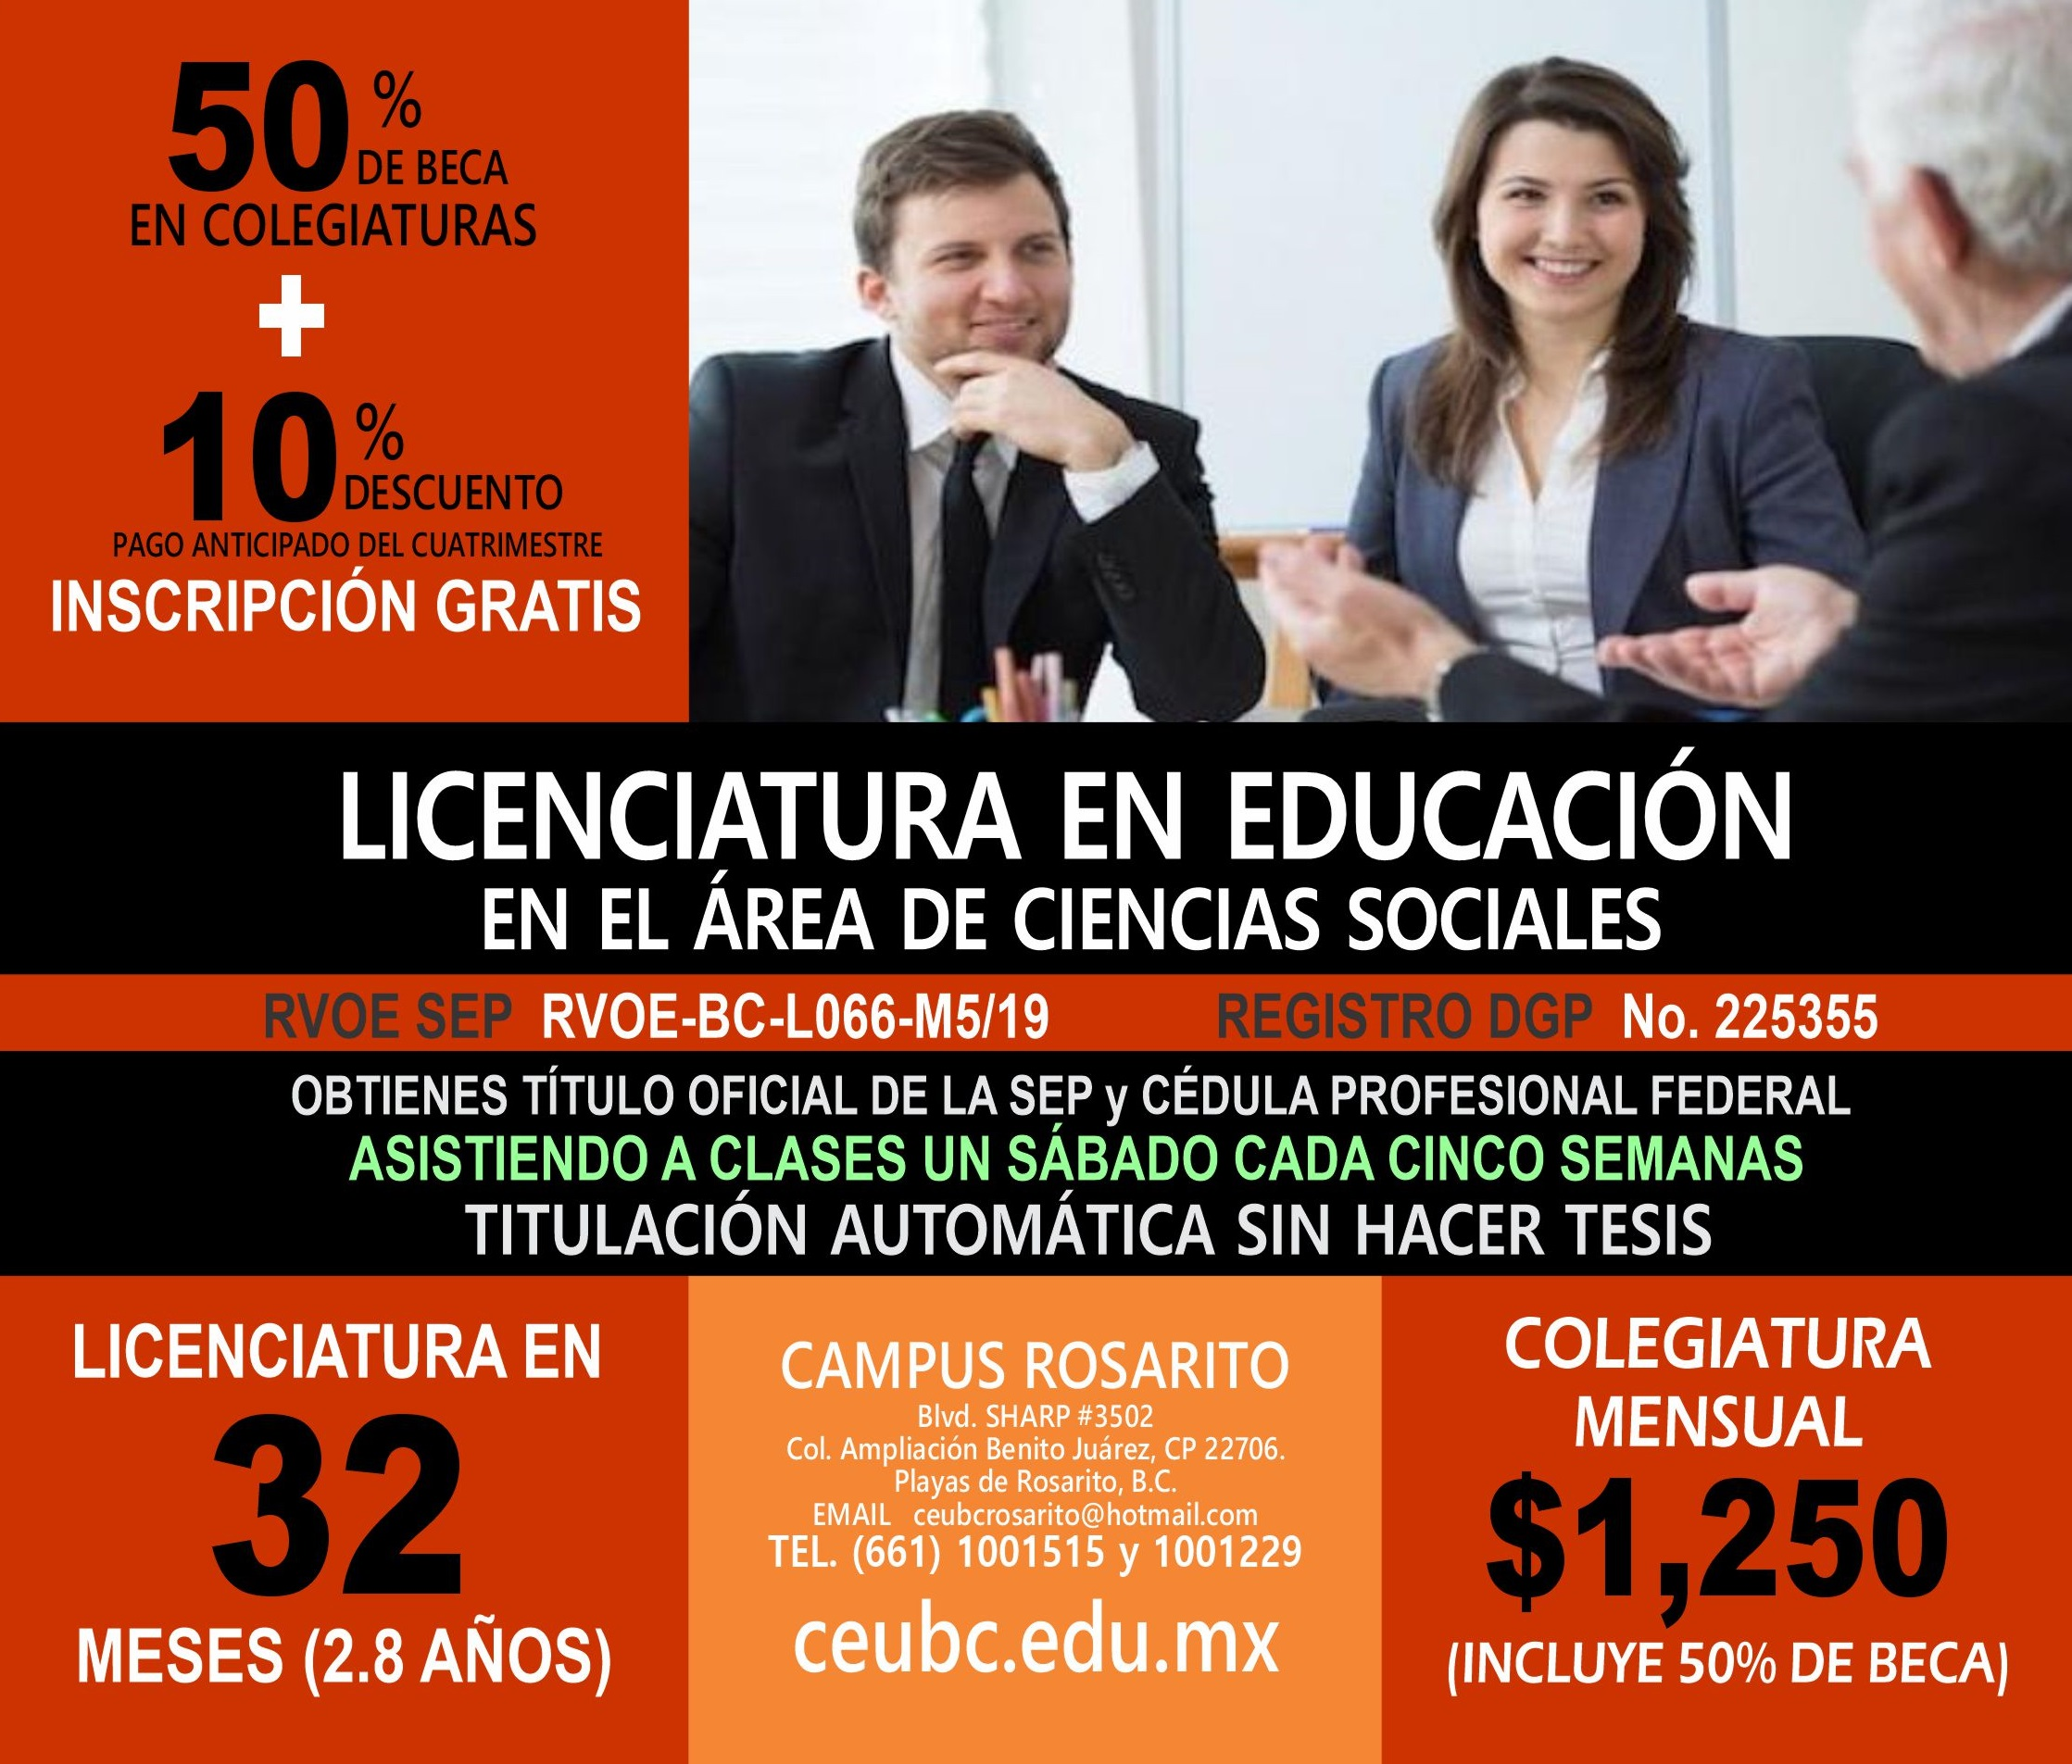 RVOE oficial: Licenciatura en Educación en el Área de Ciencias Sociales